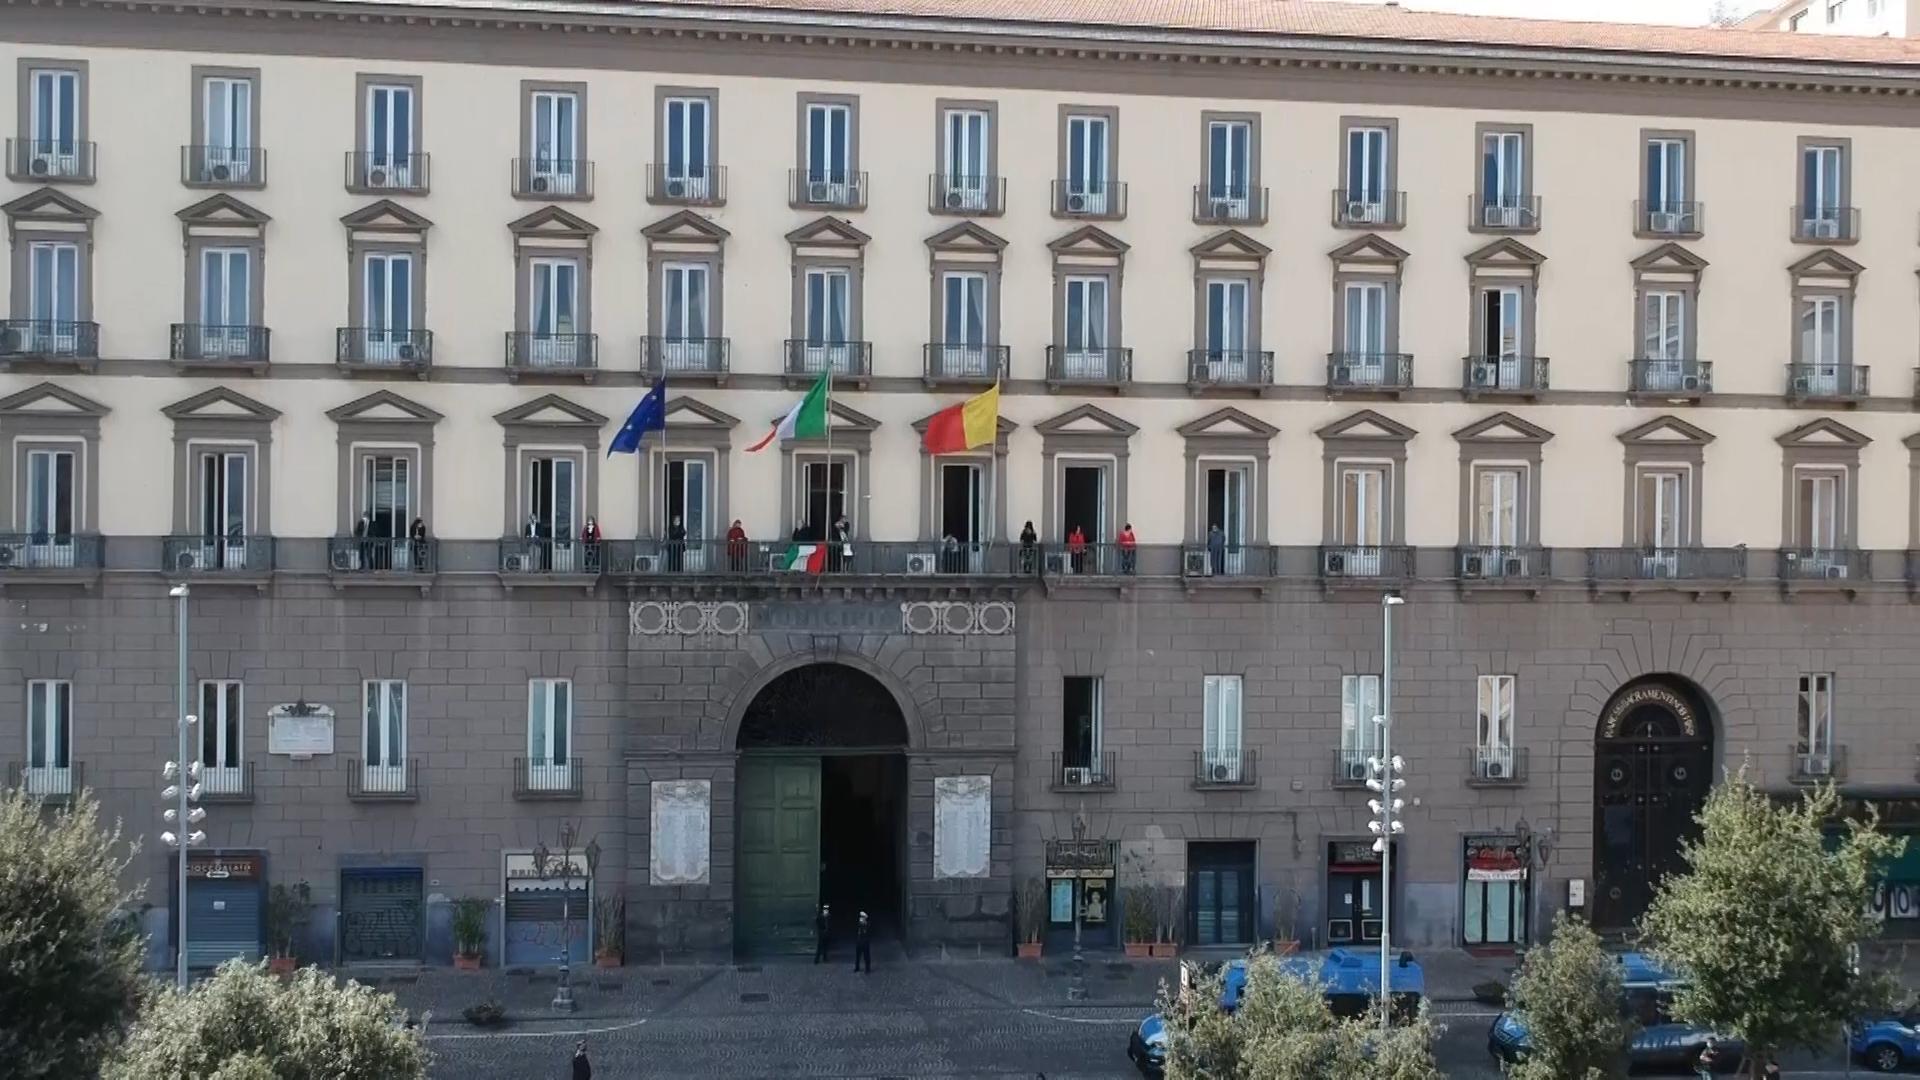 Sindaco di Napoli, toto-nomi al via: cosa ne pensano i napoletani?